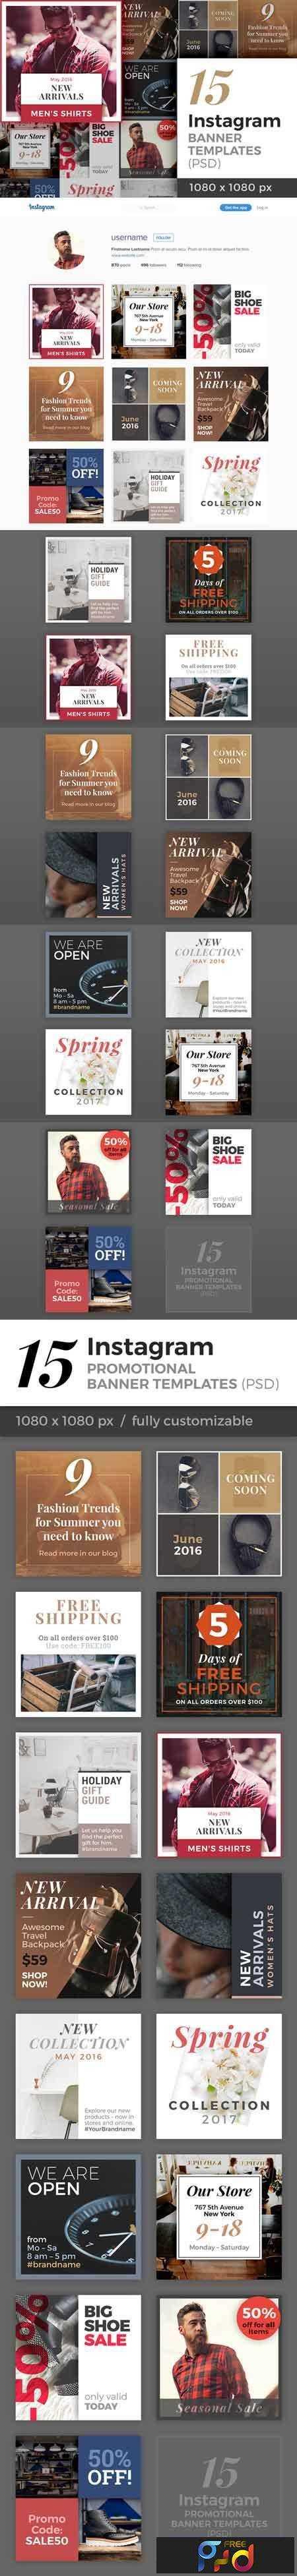 freepsdvn-com_1469488319_15-instagram-banner-templates-psd-713774